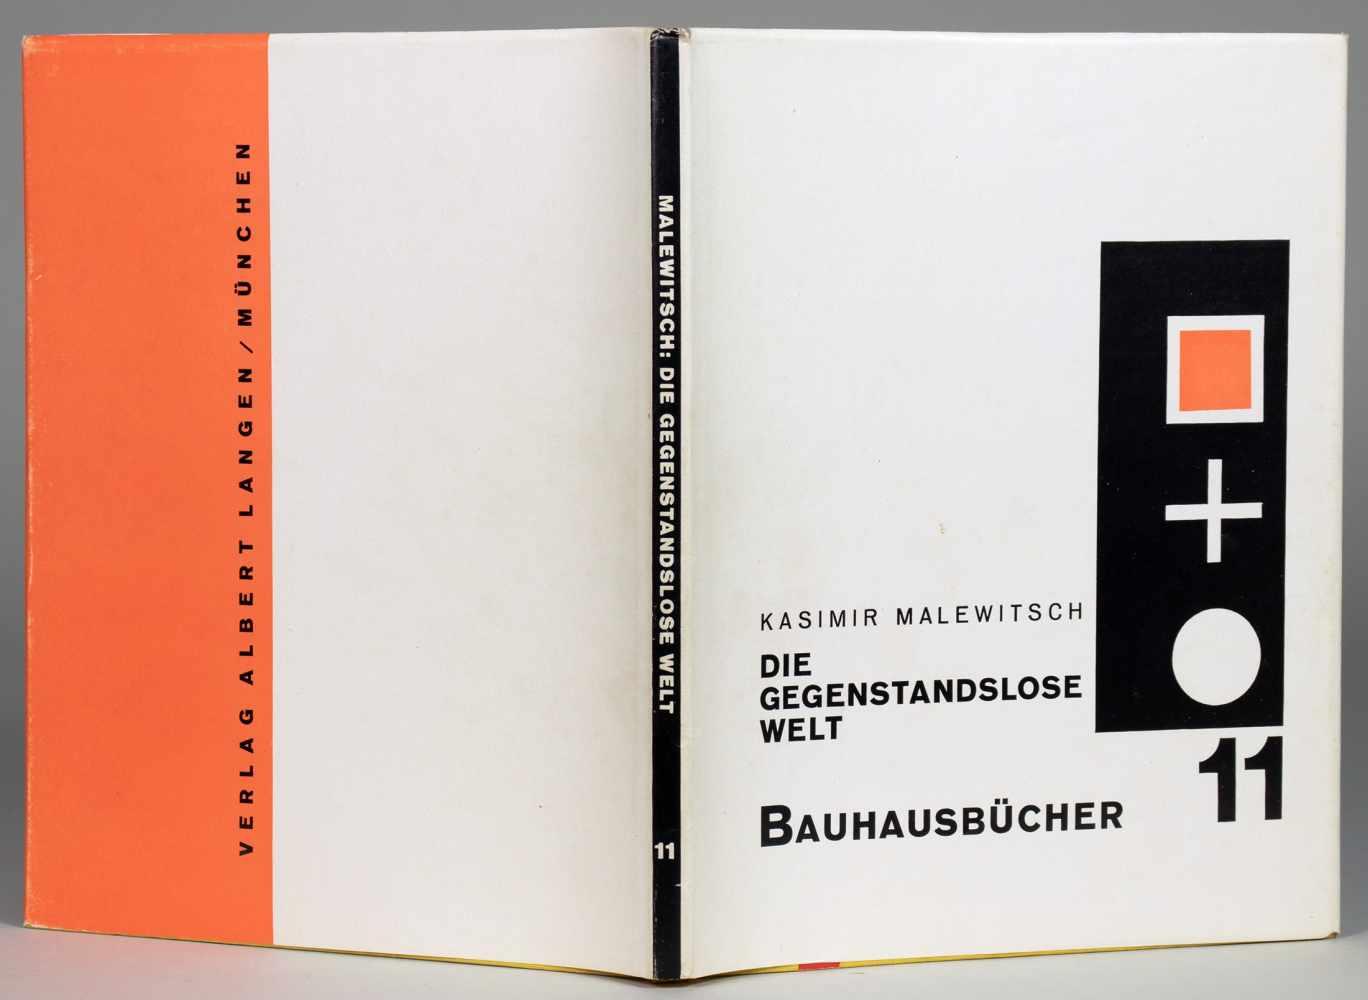 Bauhaus - Kasimir Malewitsch. Die gegenstandslose Welt. Die Übersetzung besorgte A. von Riesen.